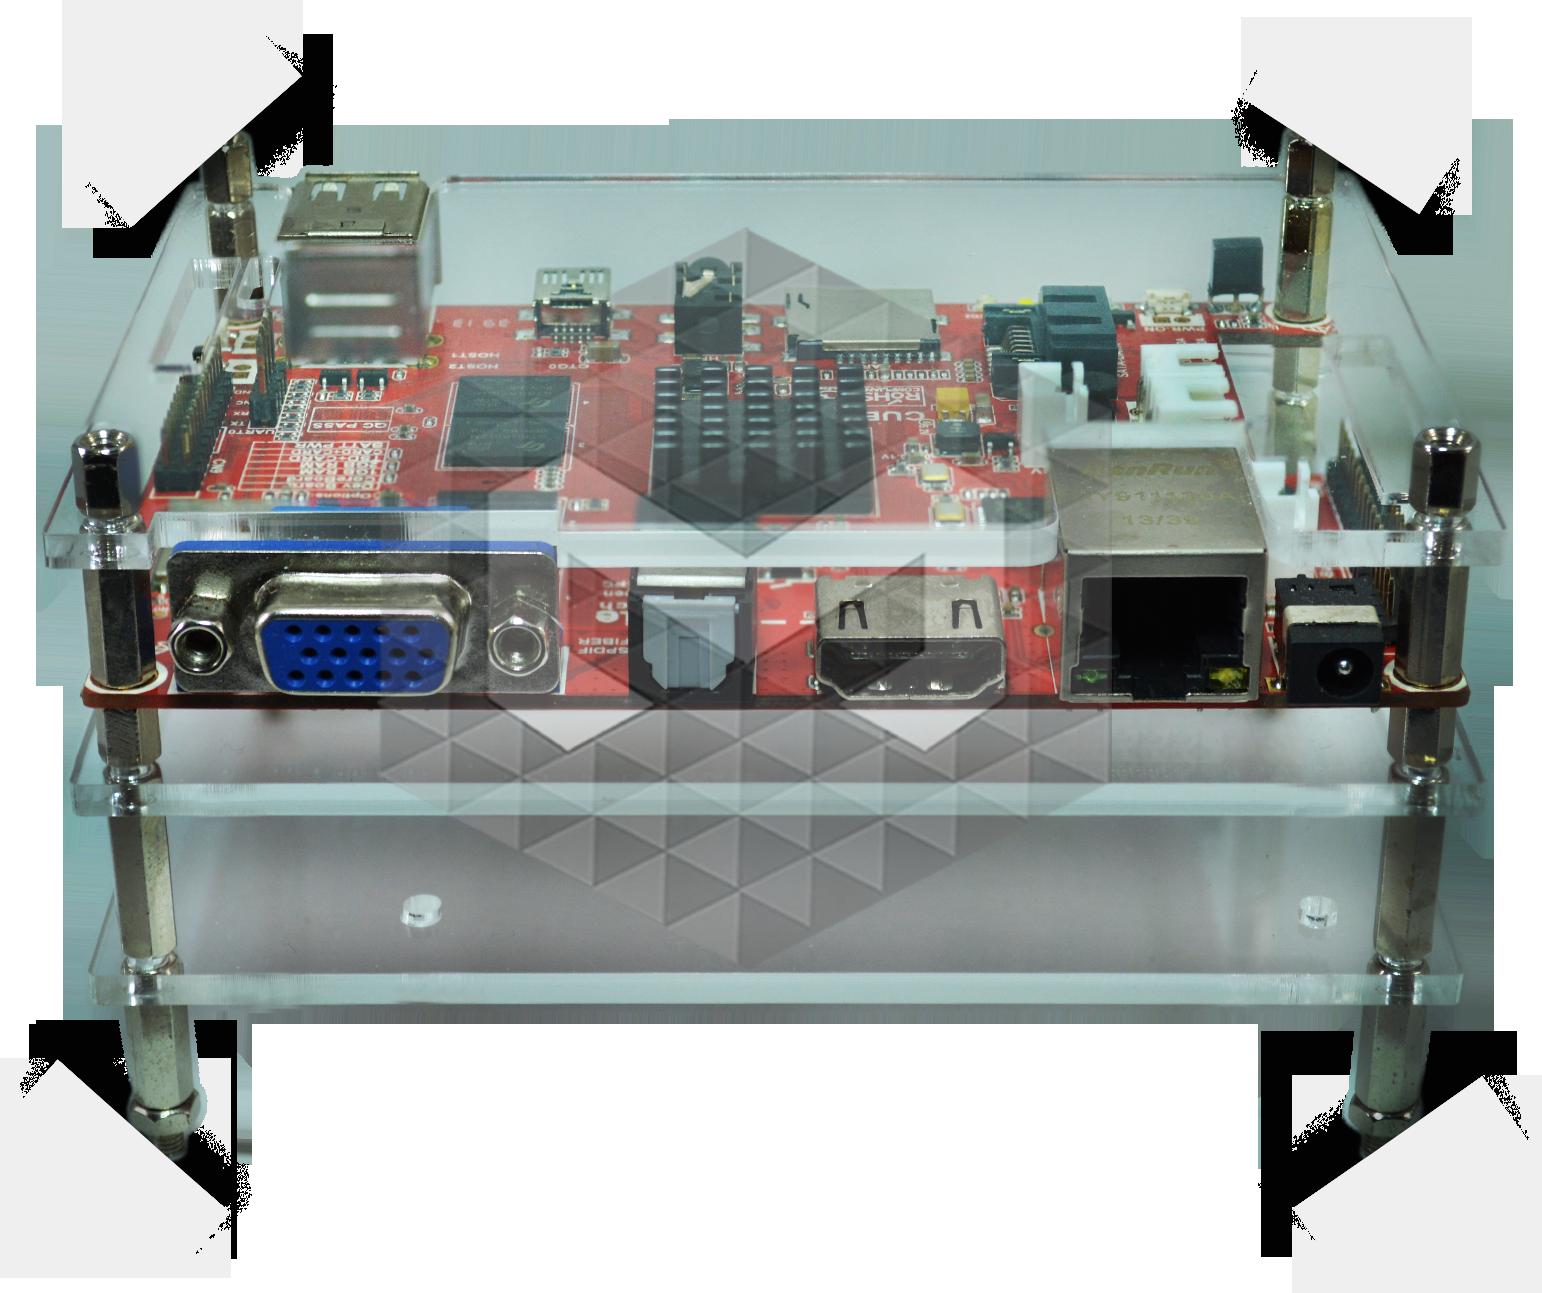 Kit-Cubieboard-3-Completa-(CubieTruck